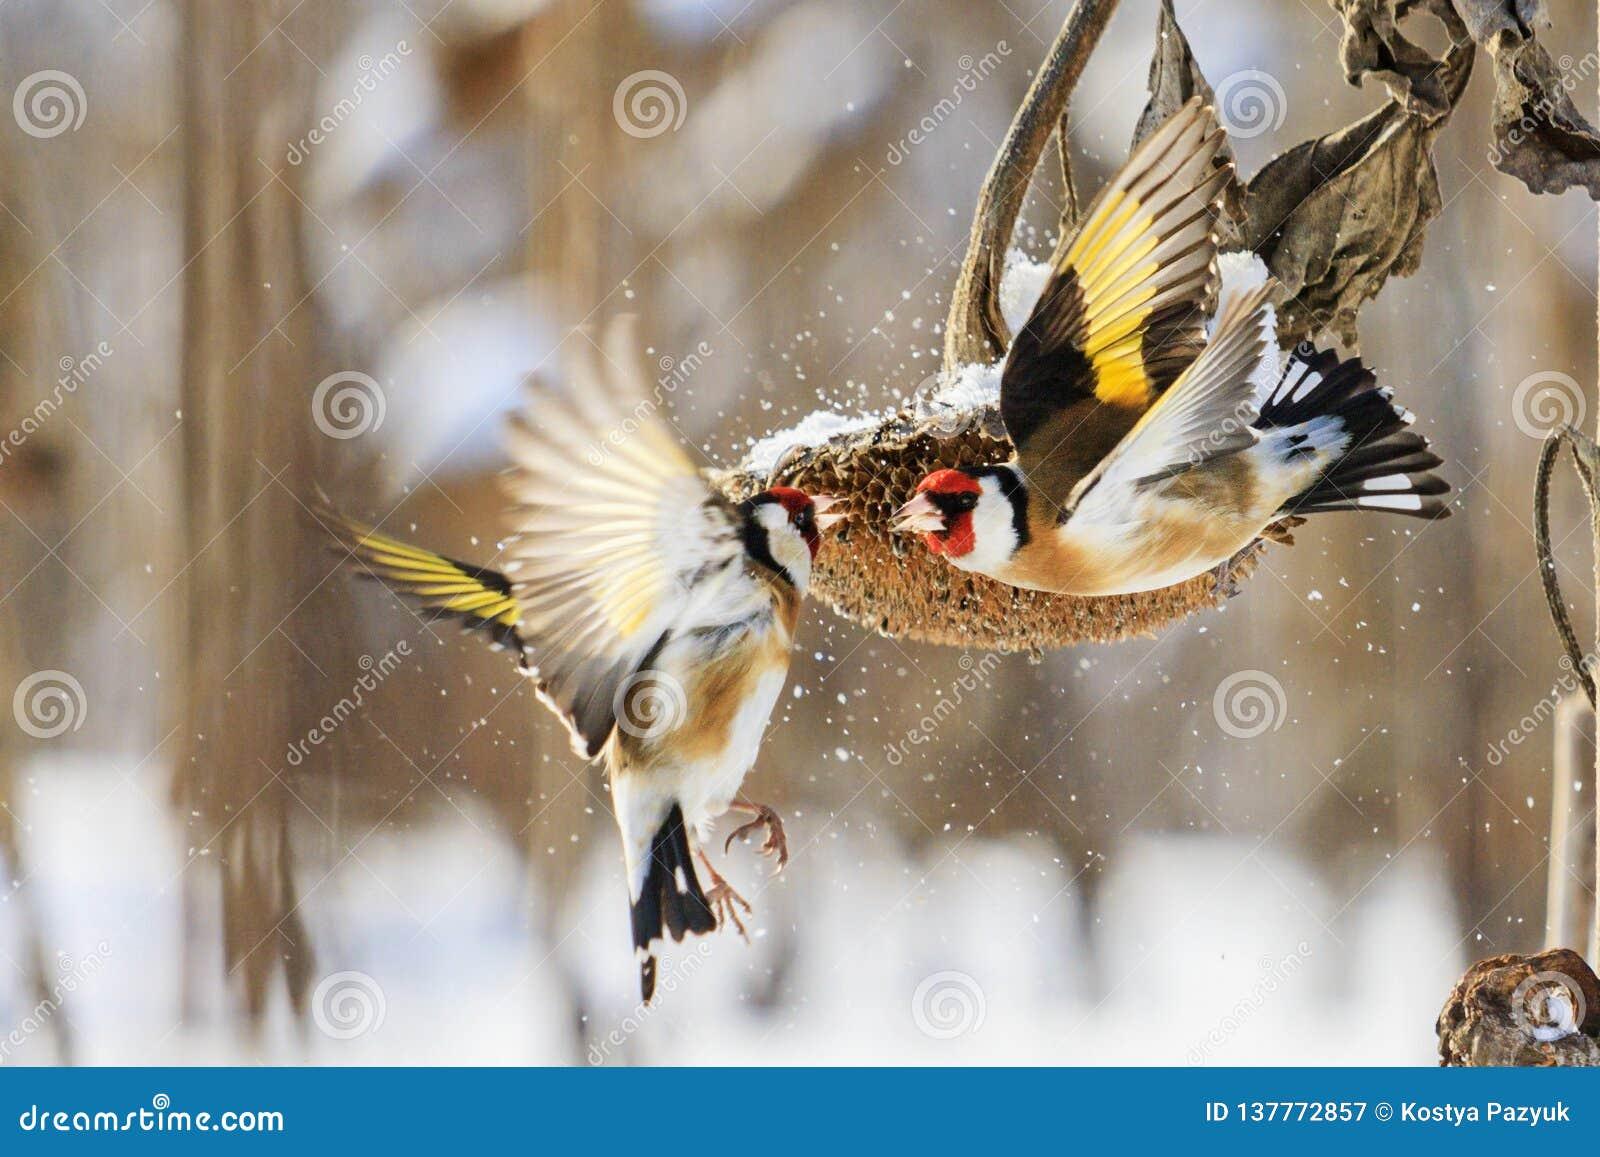 Distelvinkenstrijd in de winter voor zonnebloem